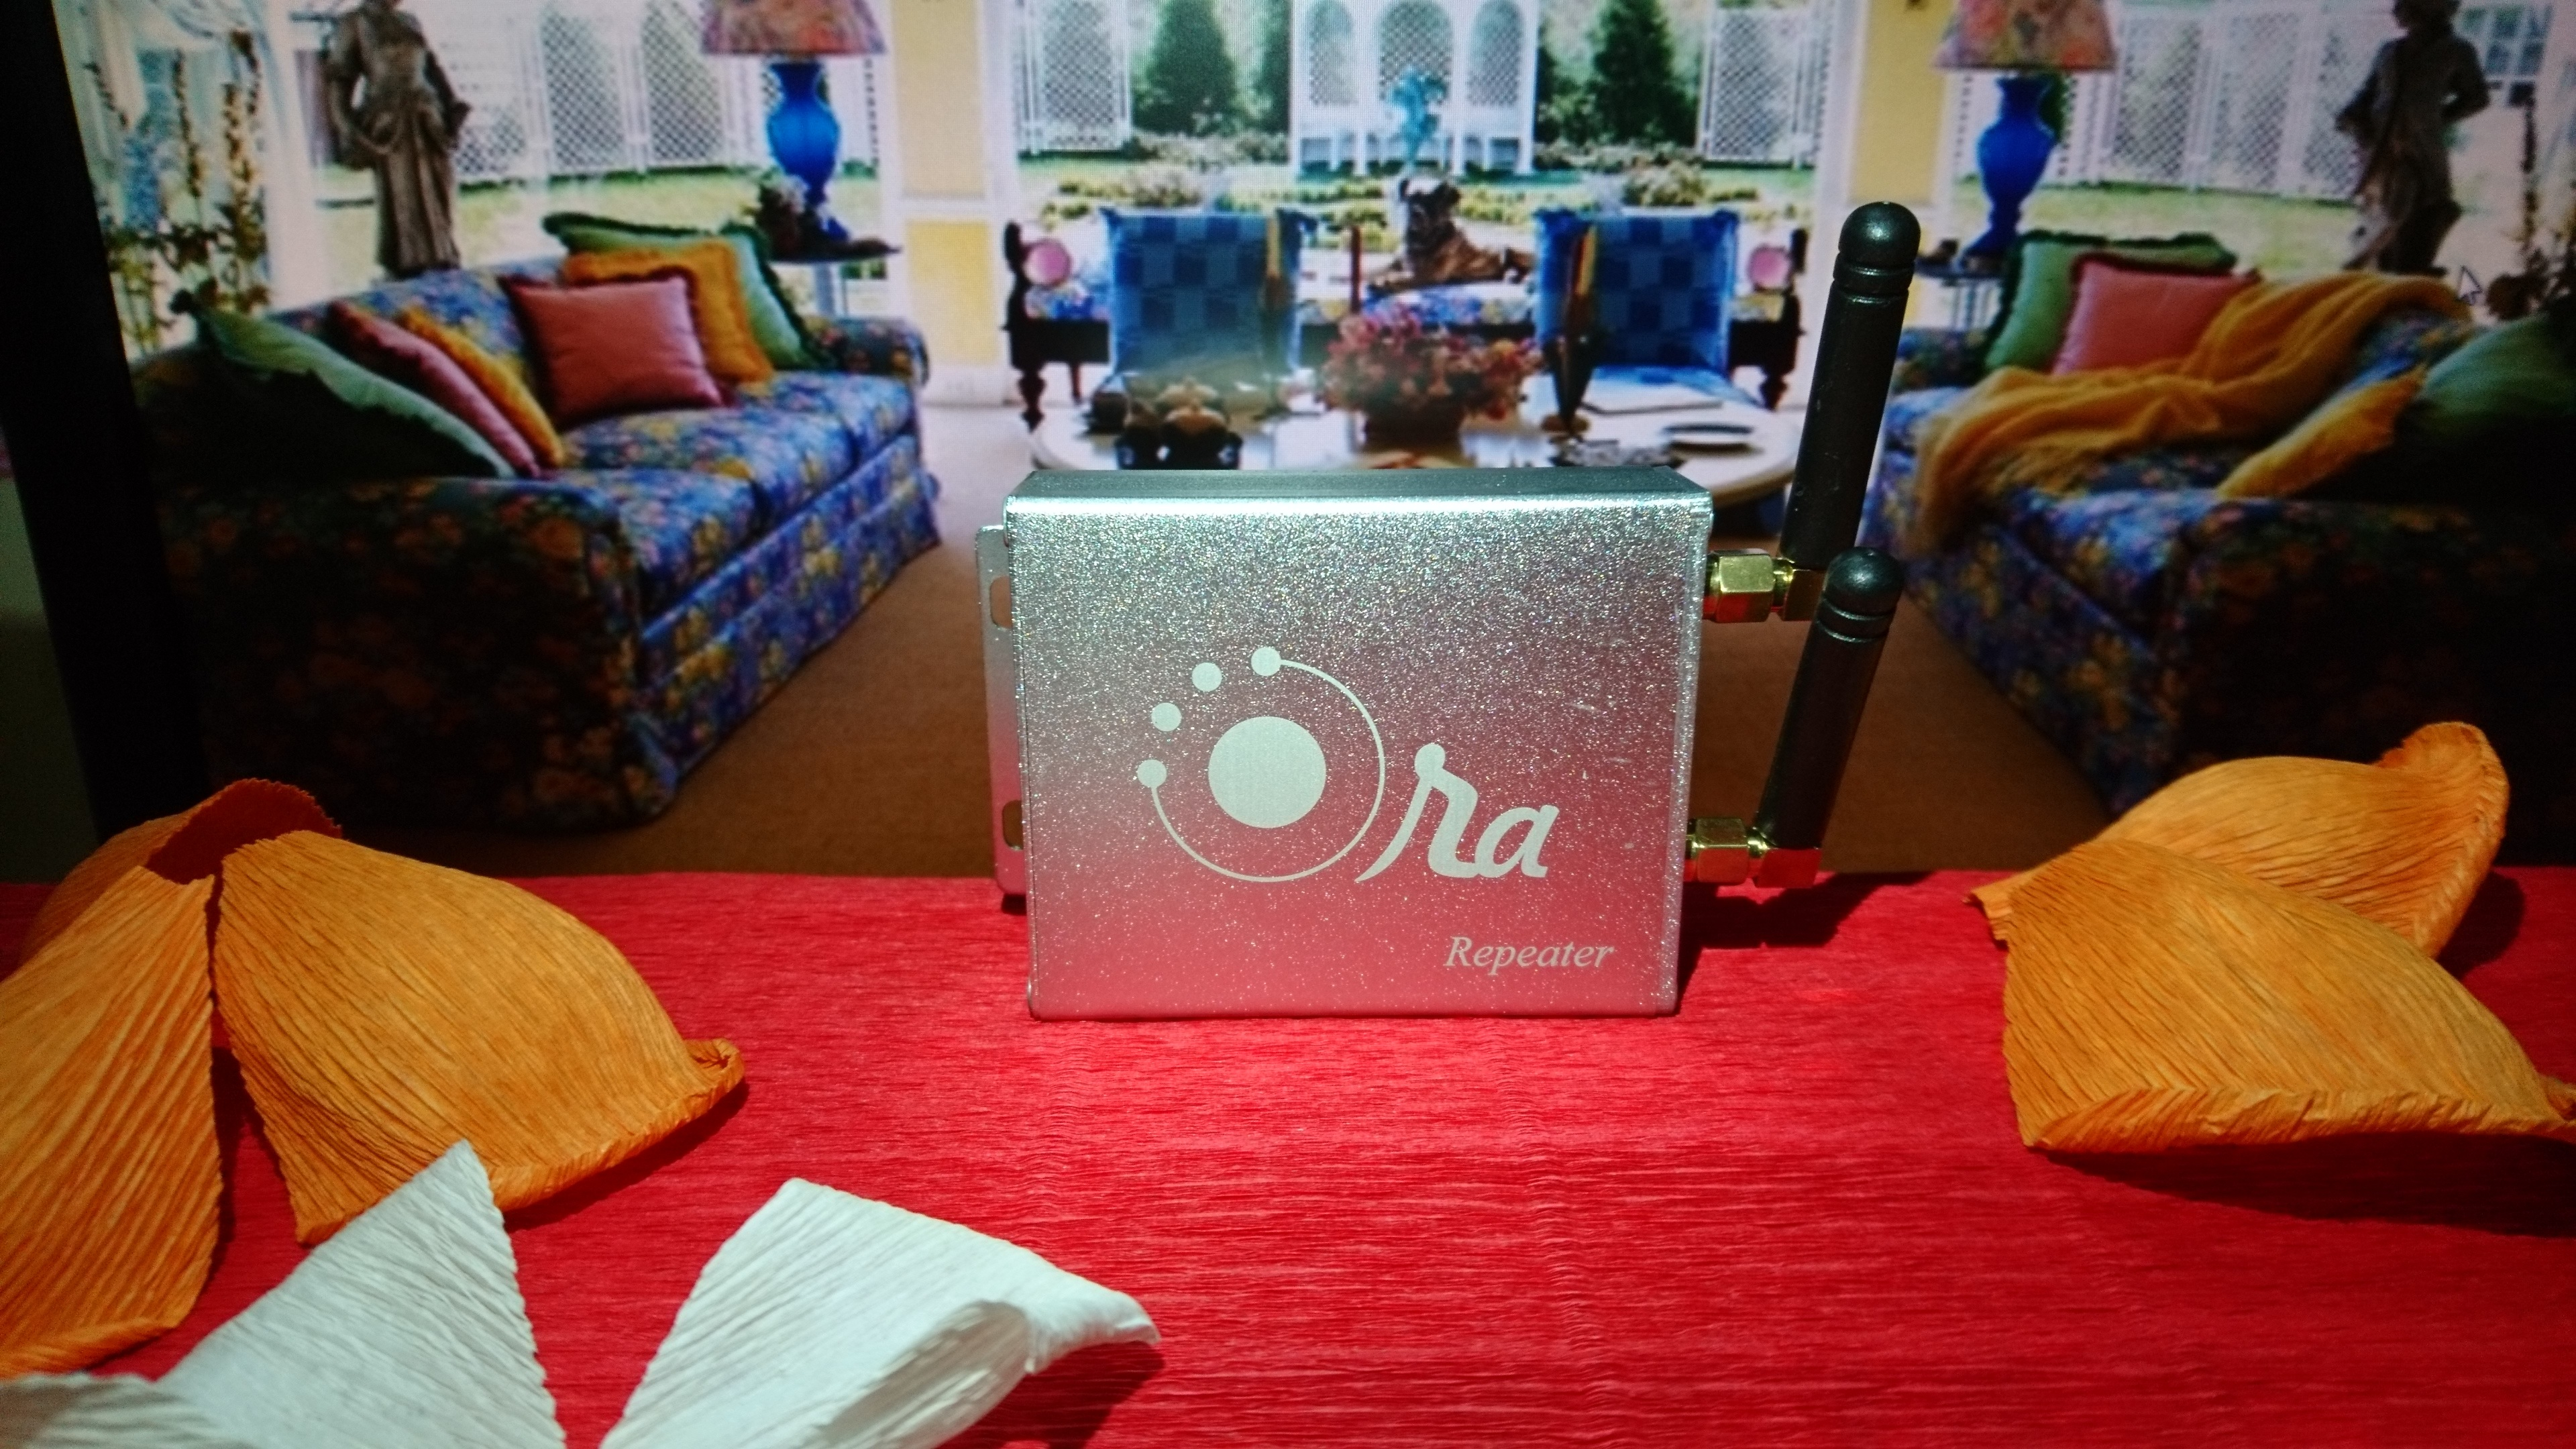 Repeater Ora - Mở rộng phát sóng trung tâm